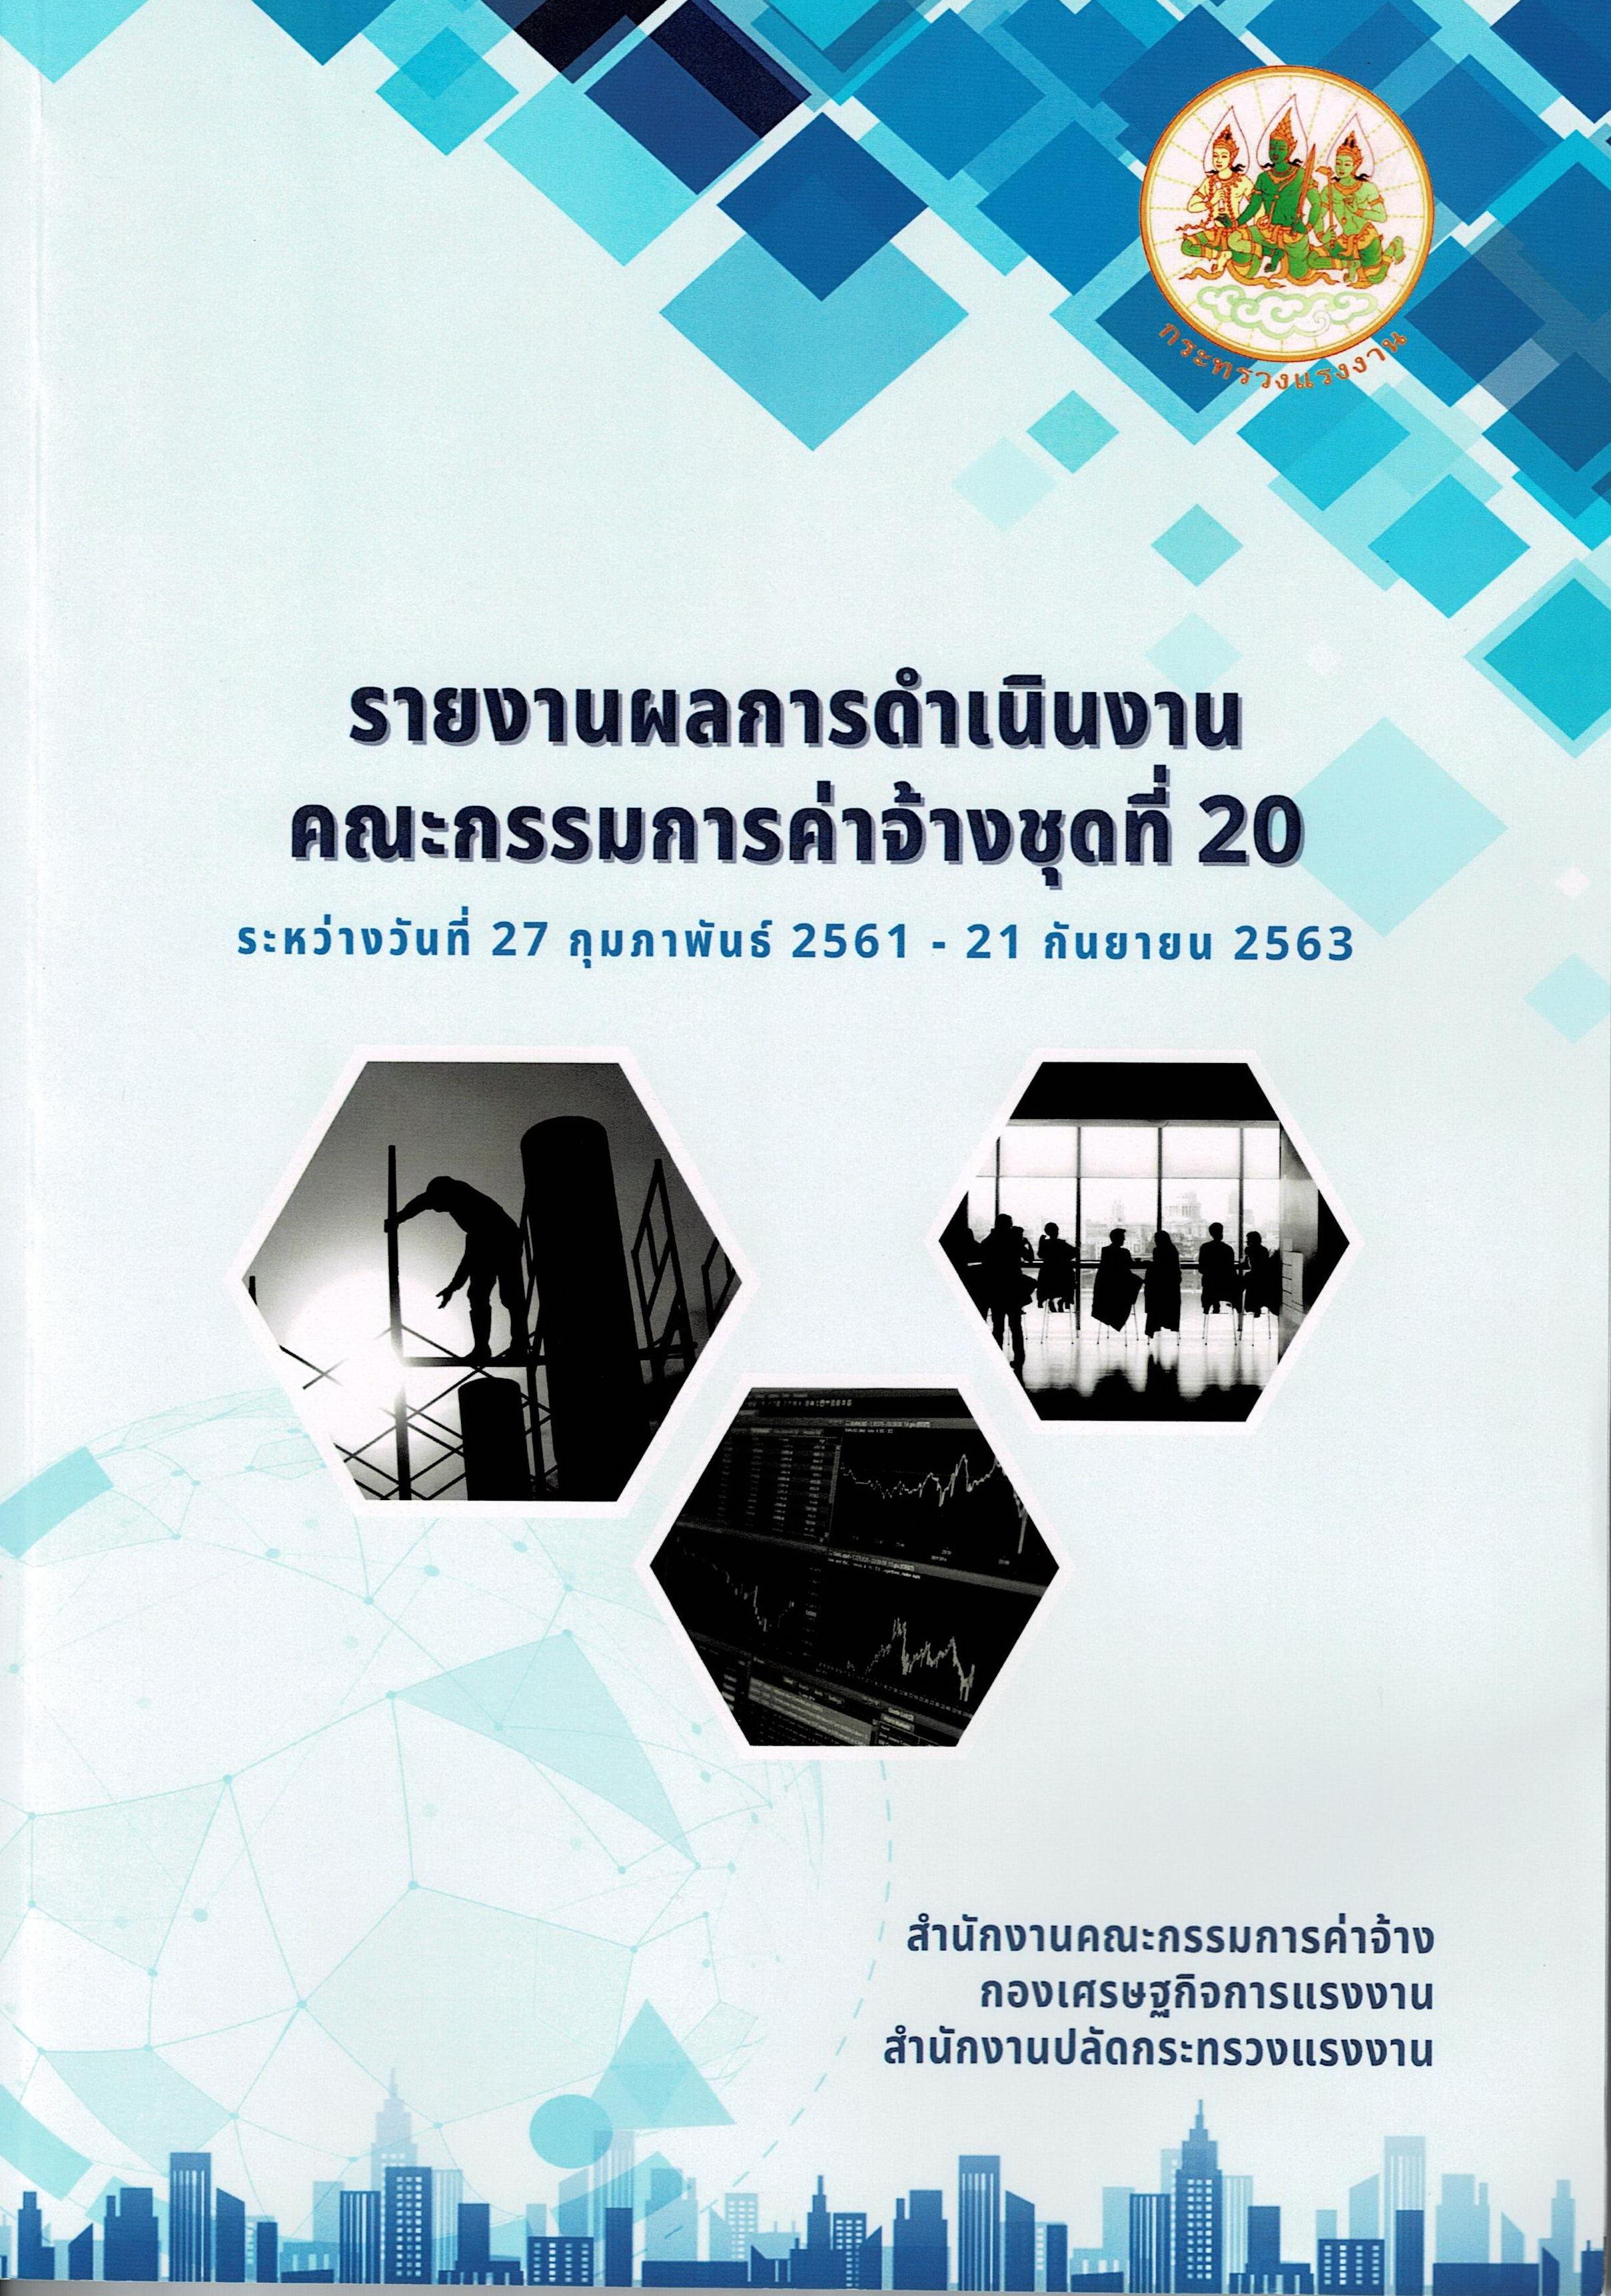 รายงานผลการดำเนินงานคณะกรรมการค่าจ้าง ชุดที่ 20 ระหว่างวันที่ 27 กุมภาพันธ์ 2561 – 21 กุมภาพันธ์ 2563